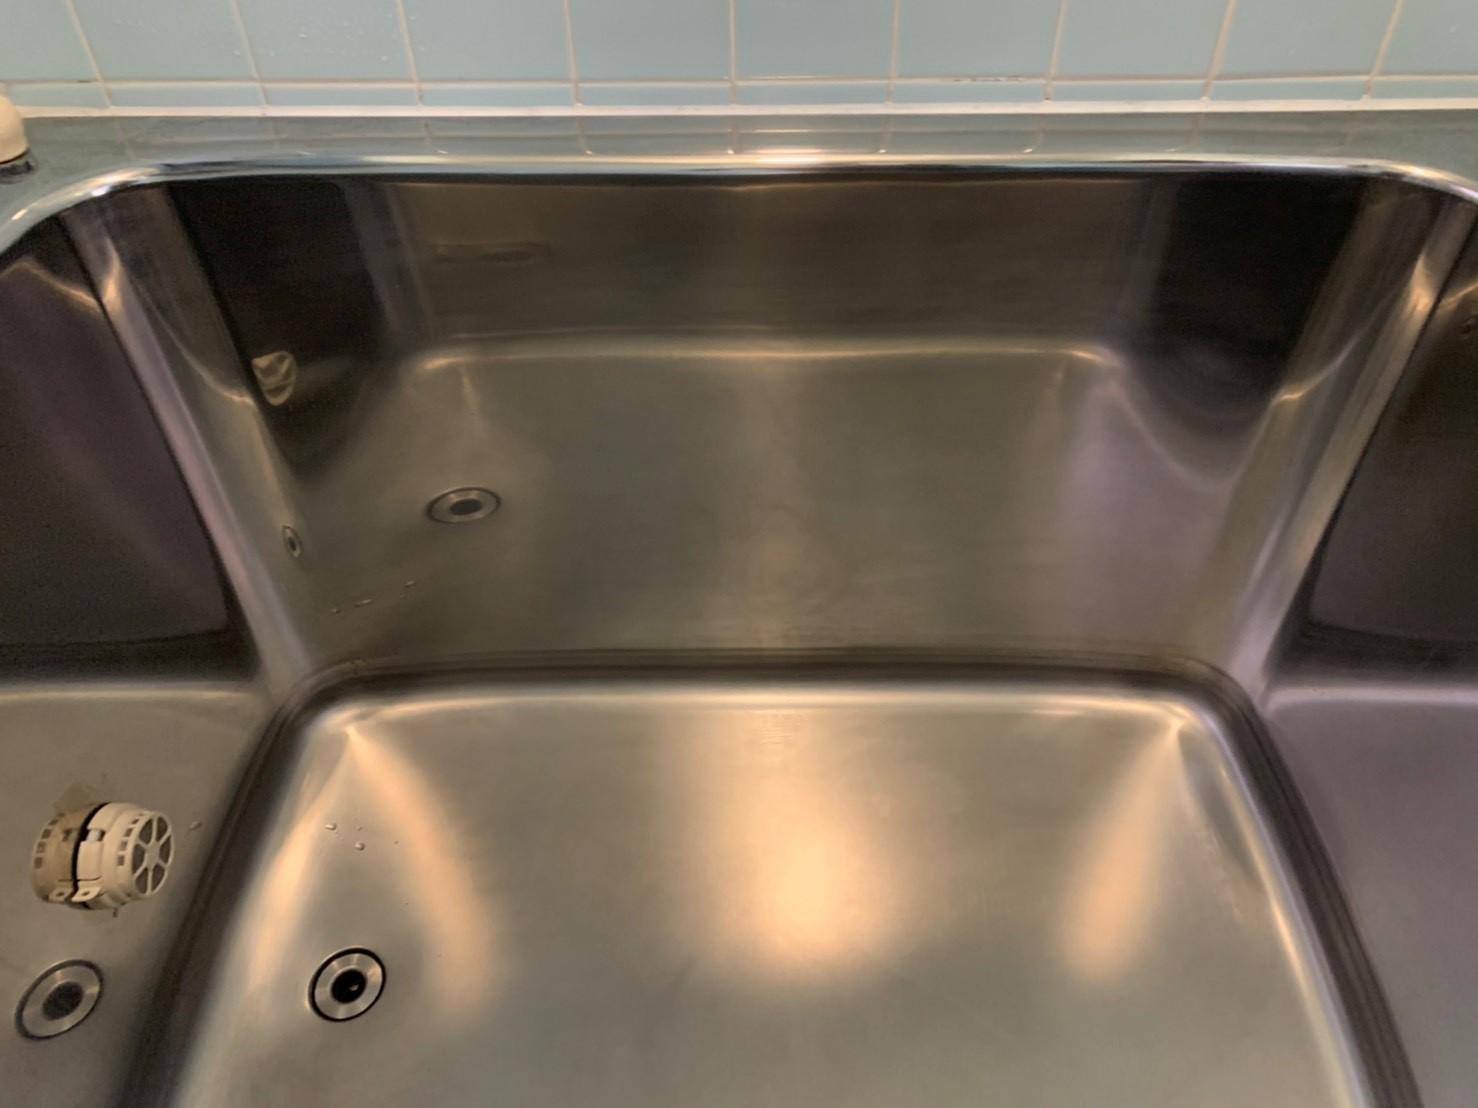 お風呂(浴室)の清掃&水回りコーティングを横浜市中区南本牧で行いました。【施工事例46】